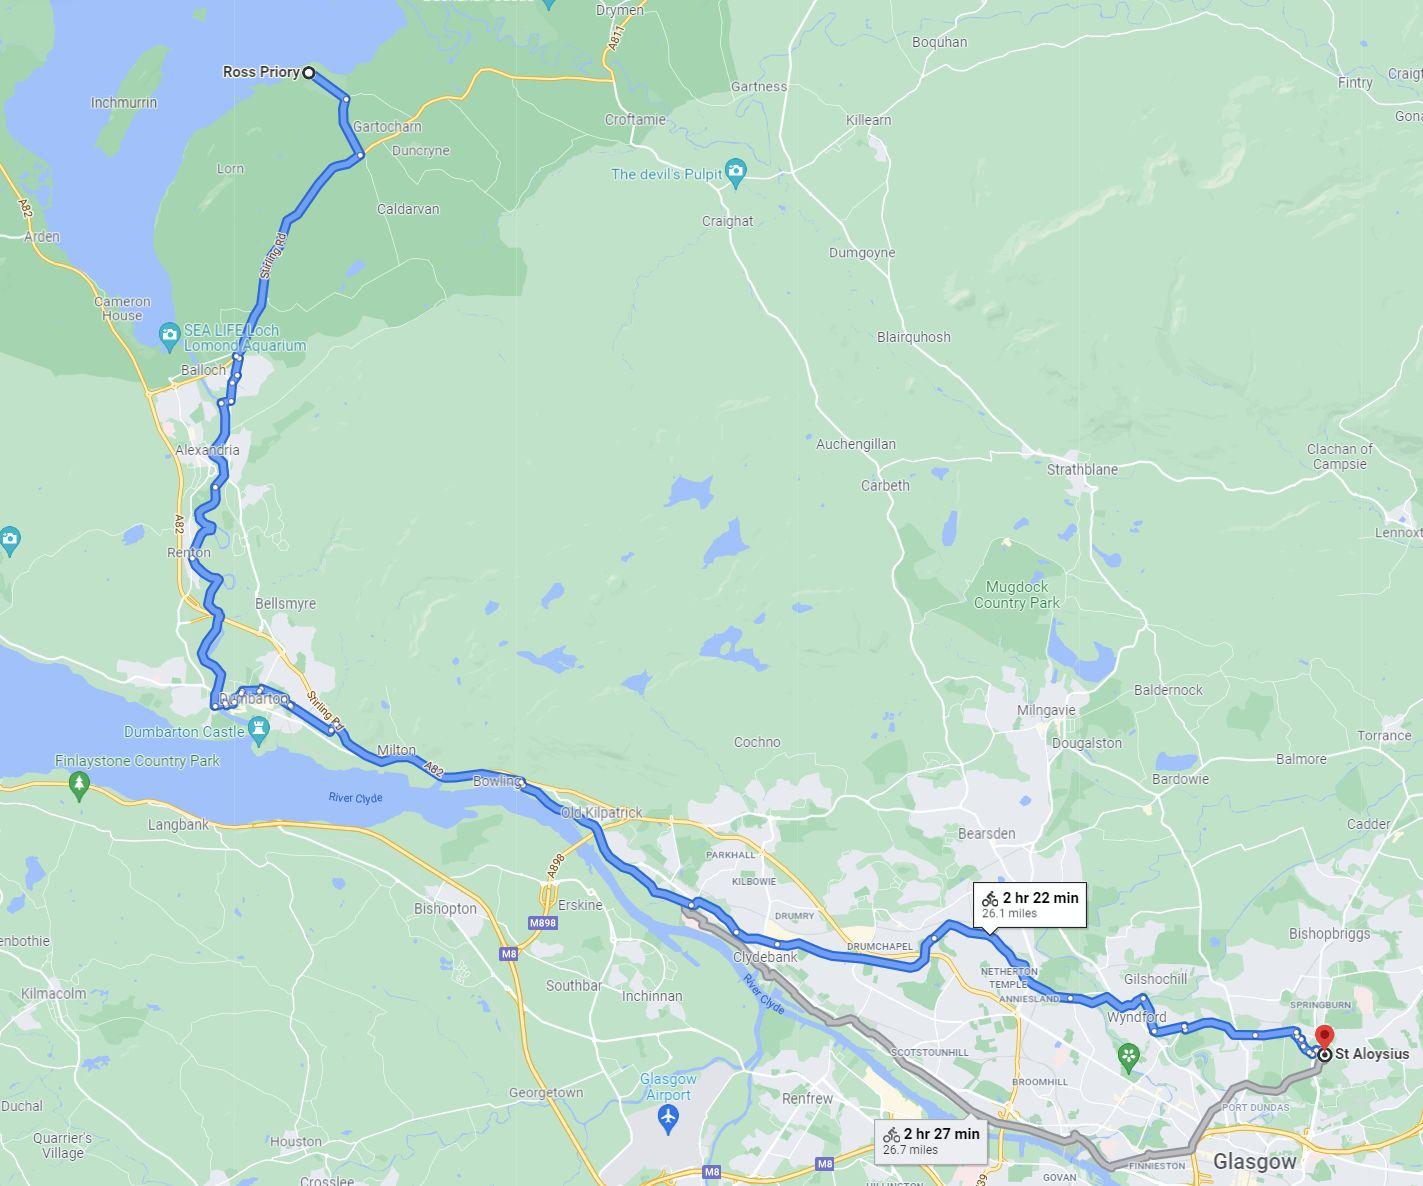 Marathon route 2